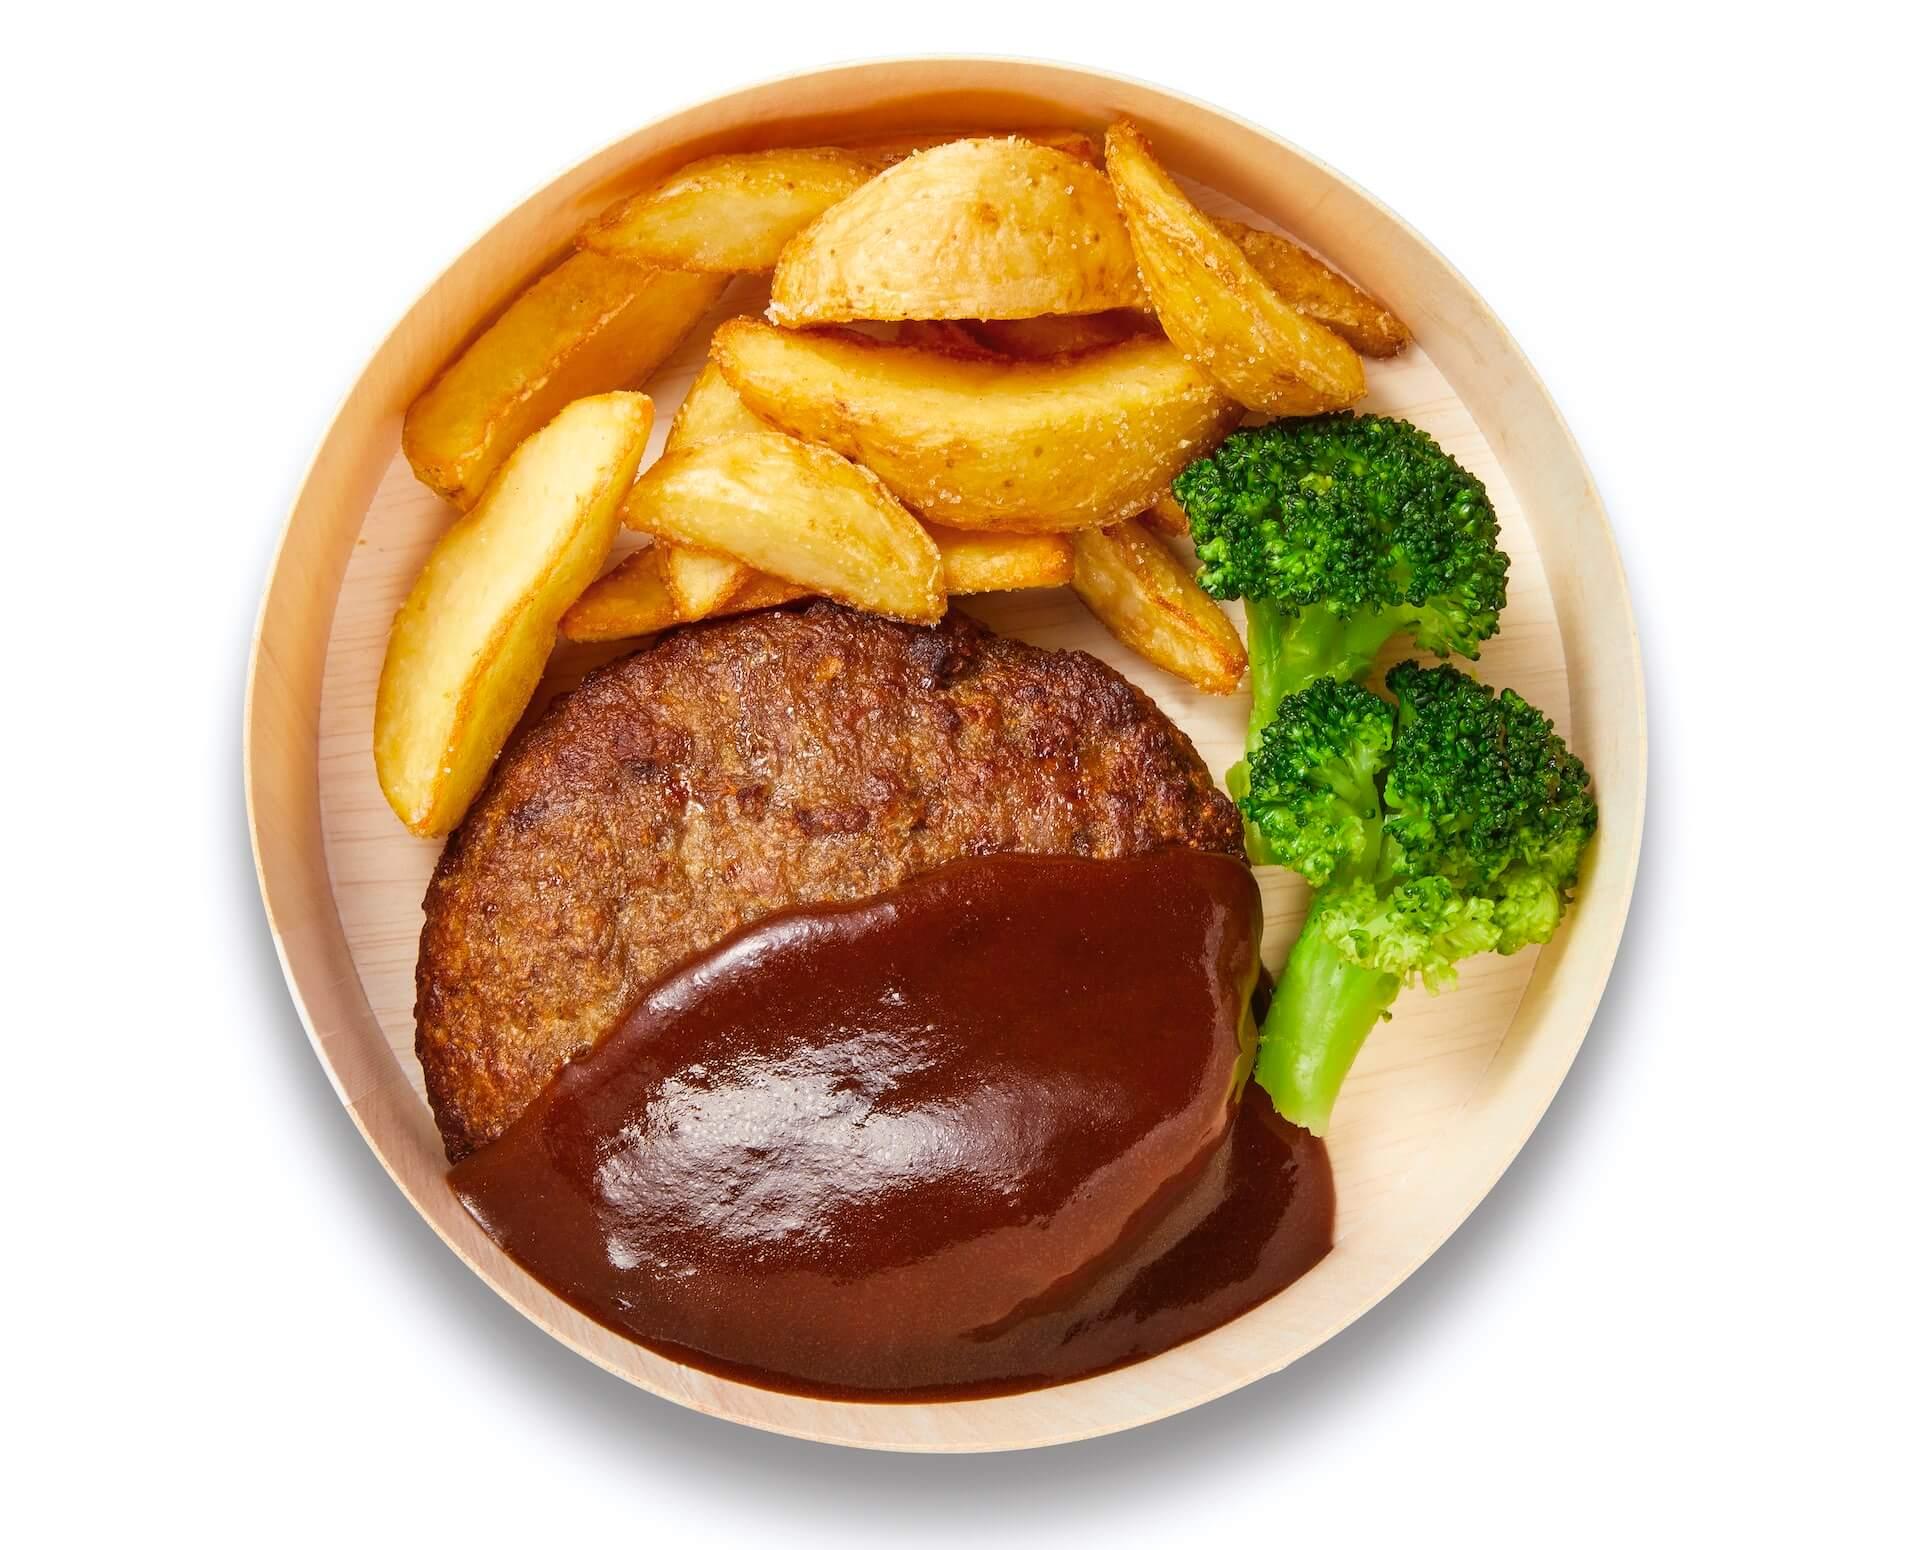 ミートボールBOXなど人気メニューが自宅でも!イケアレストランの一部メニューがテイクアウト可能に gourmet200423_ikea_restaurant_07-1